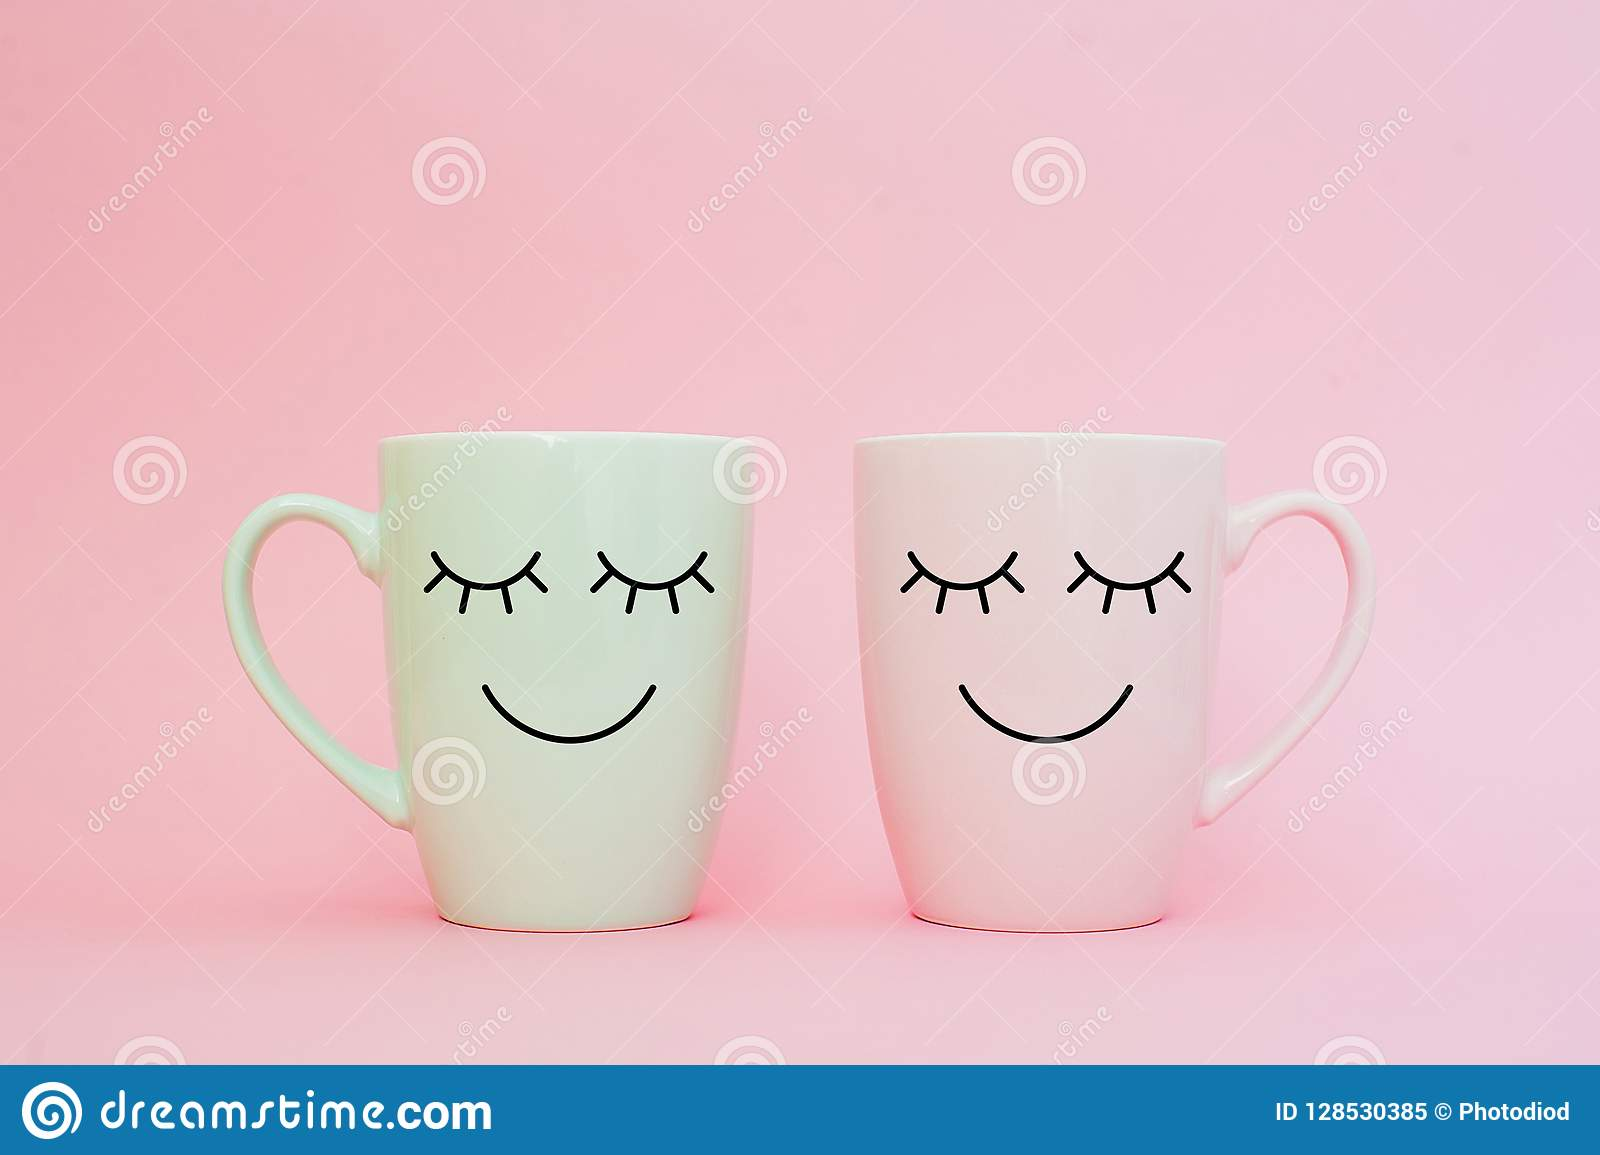 Ευτυχής λέξη Παρασκευής Δύο φλιτζάνια του καφέ στέκονται μαζί να είναι μορφή καρδιών στο ρόδινο υπόβαθρο με το πρόσωπο χαμόγελου